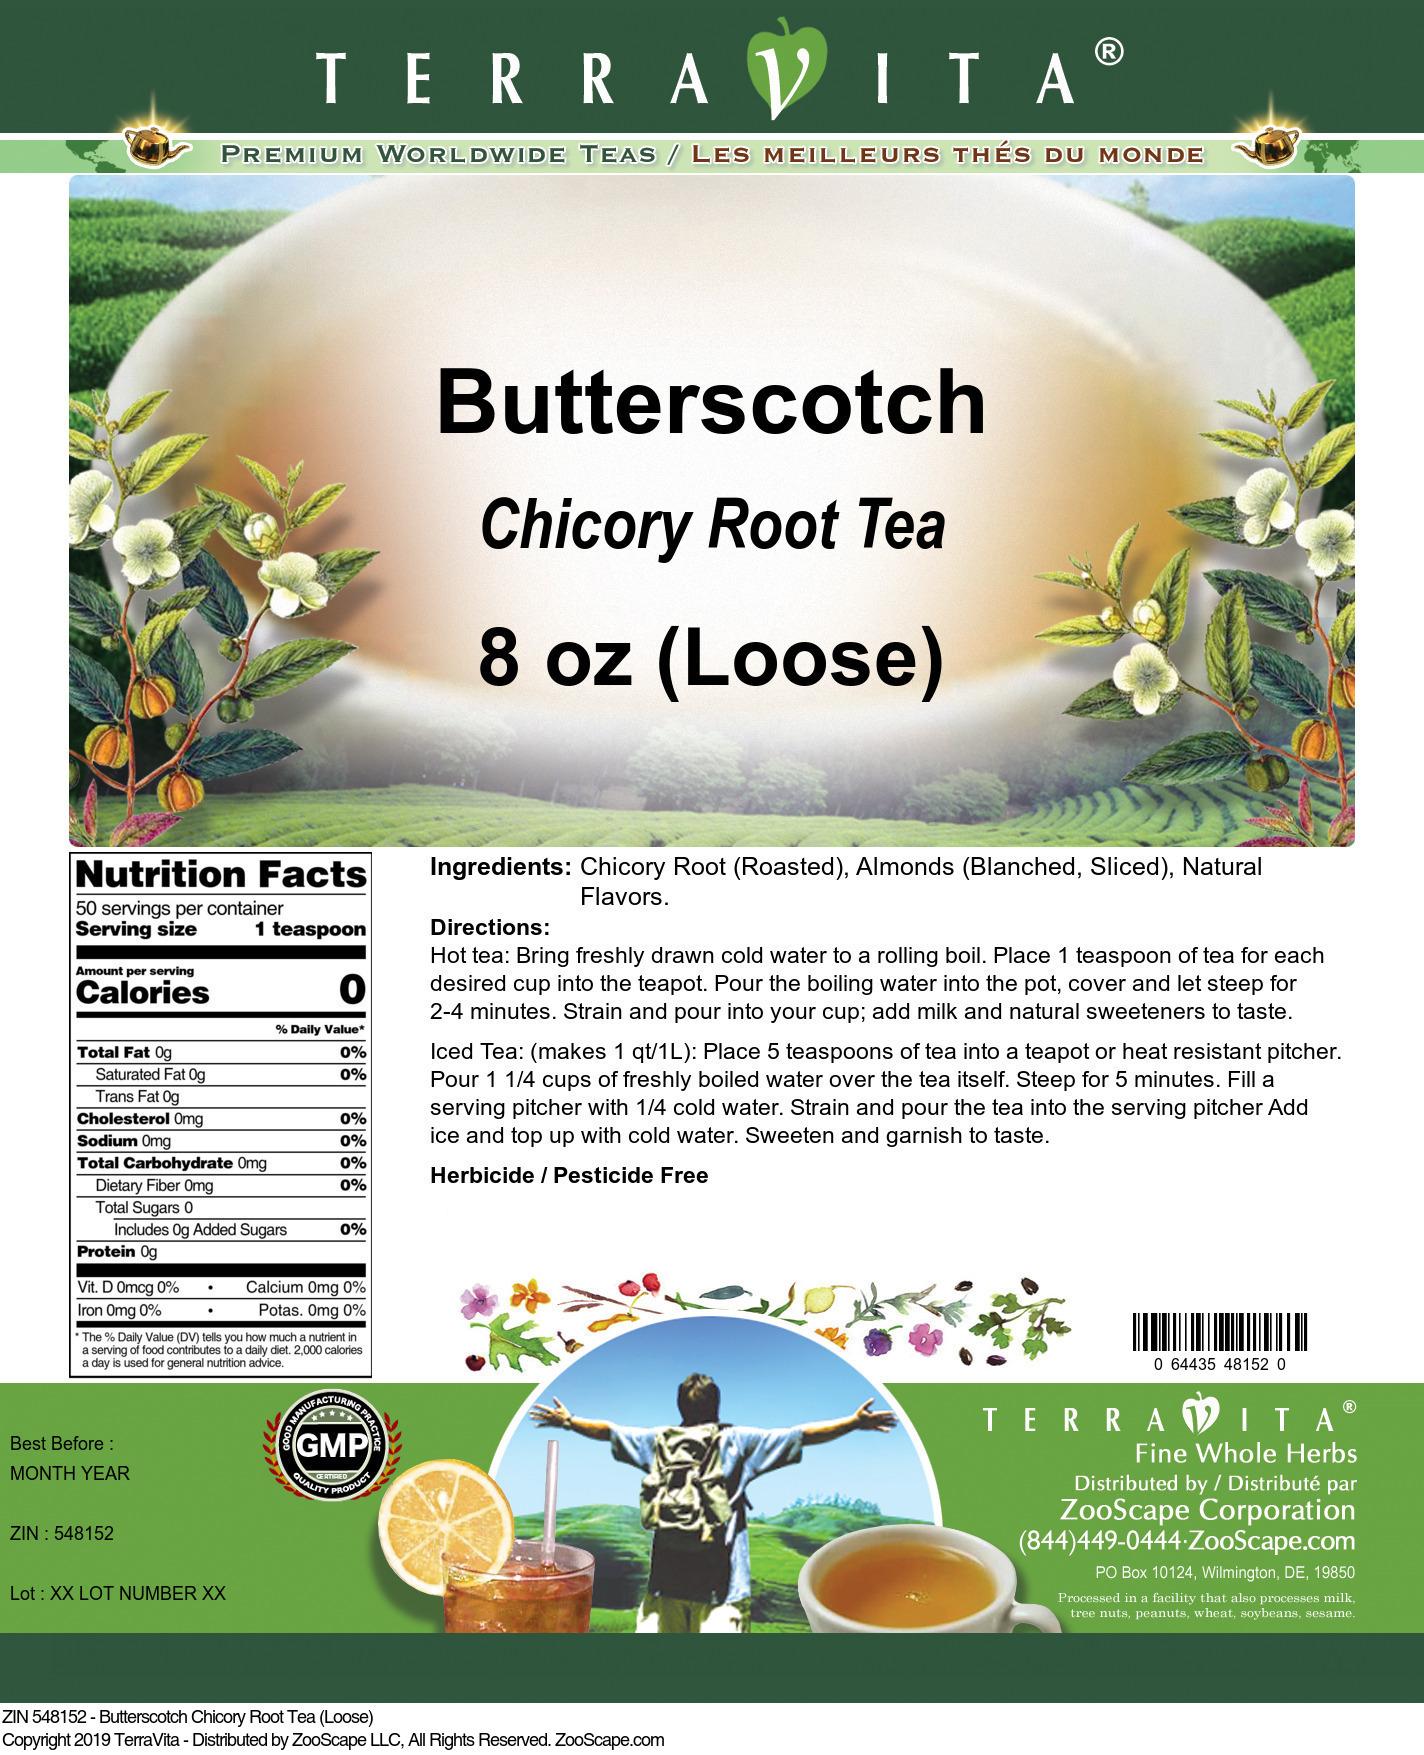 Butterscotch Chicory Root